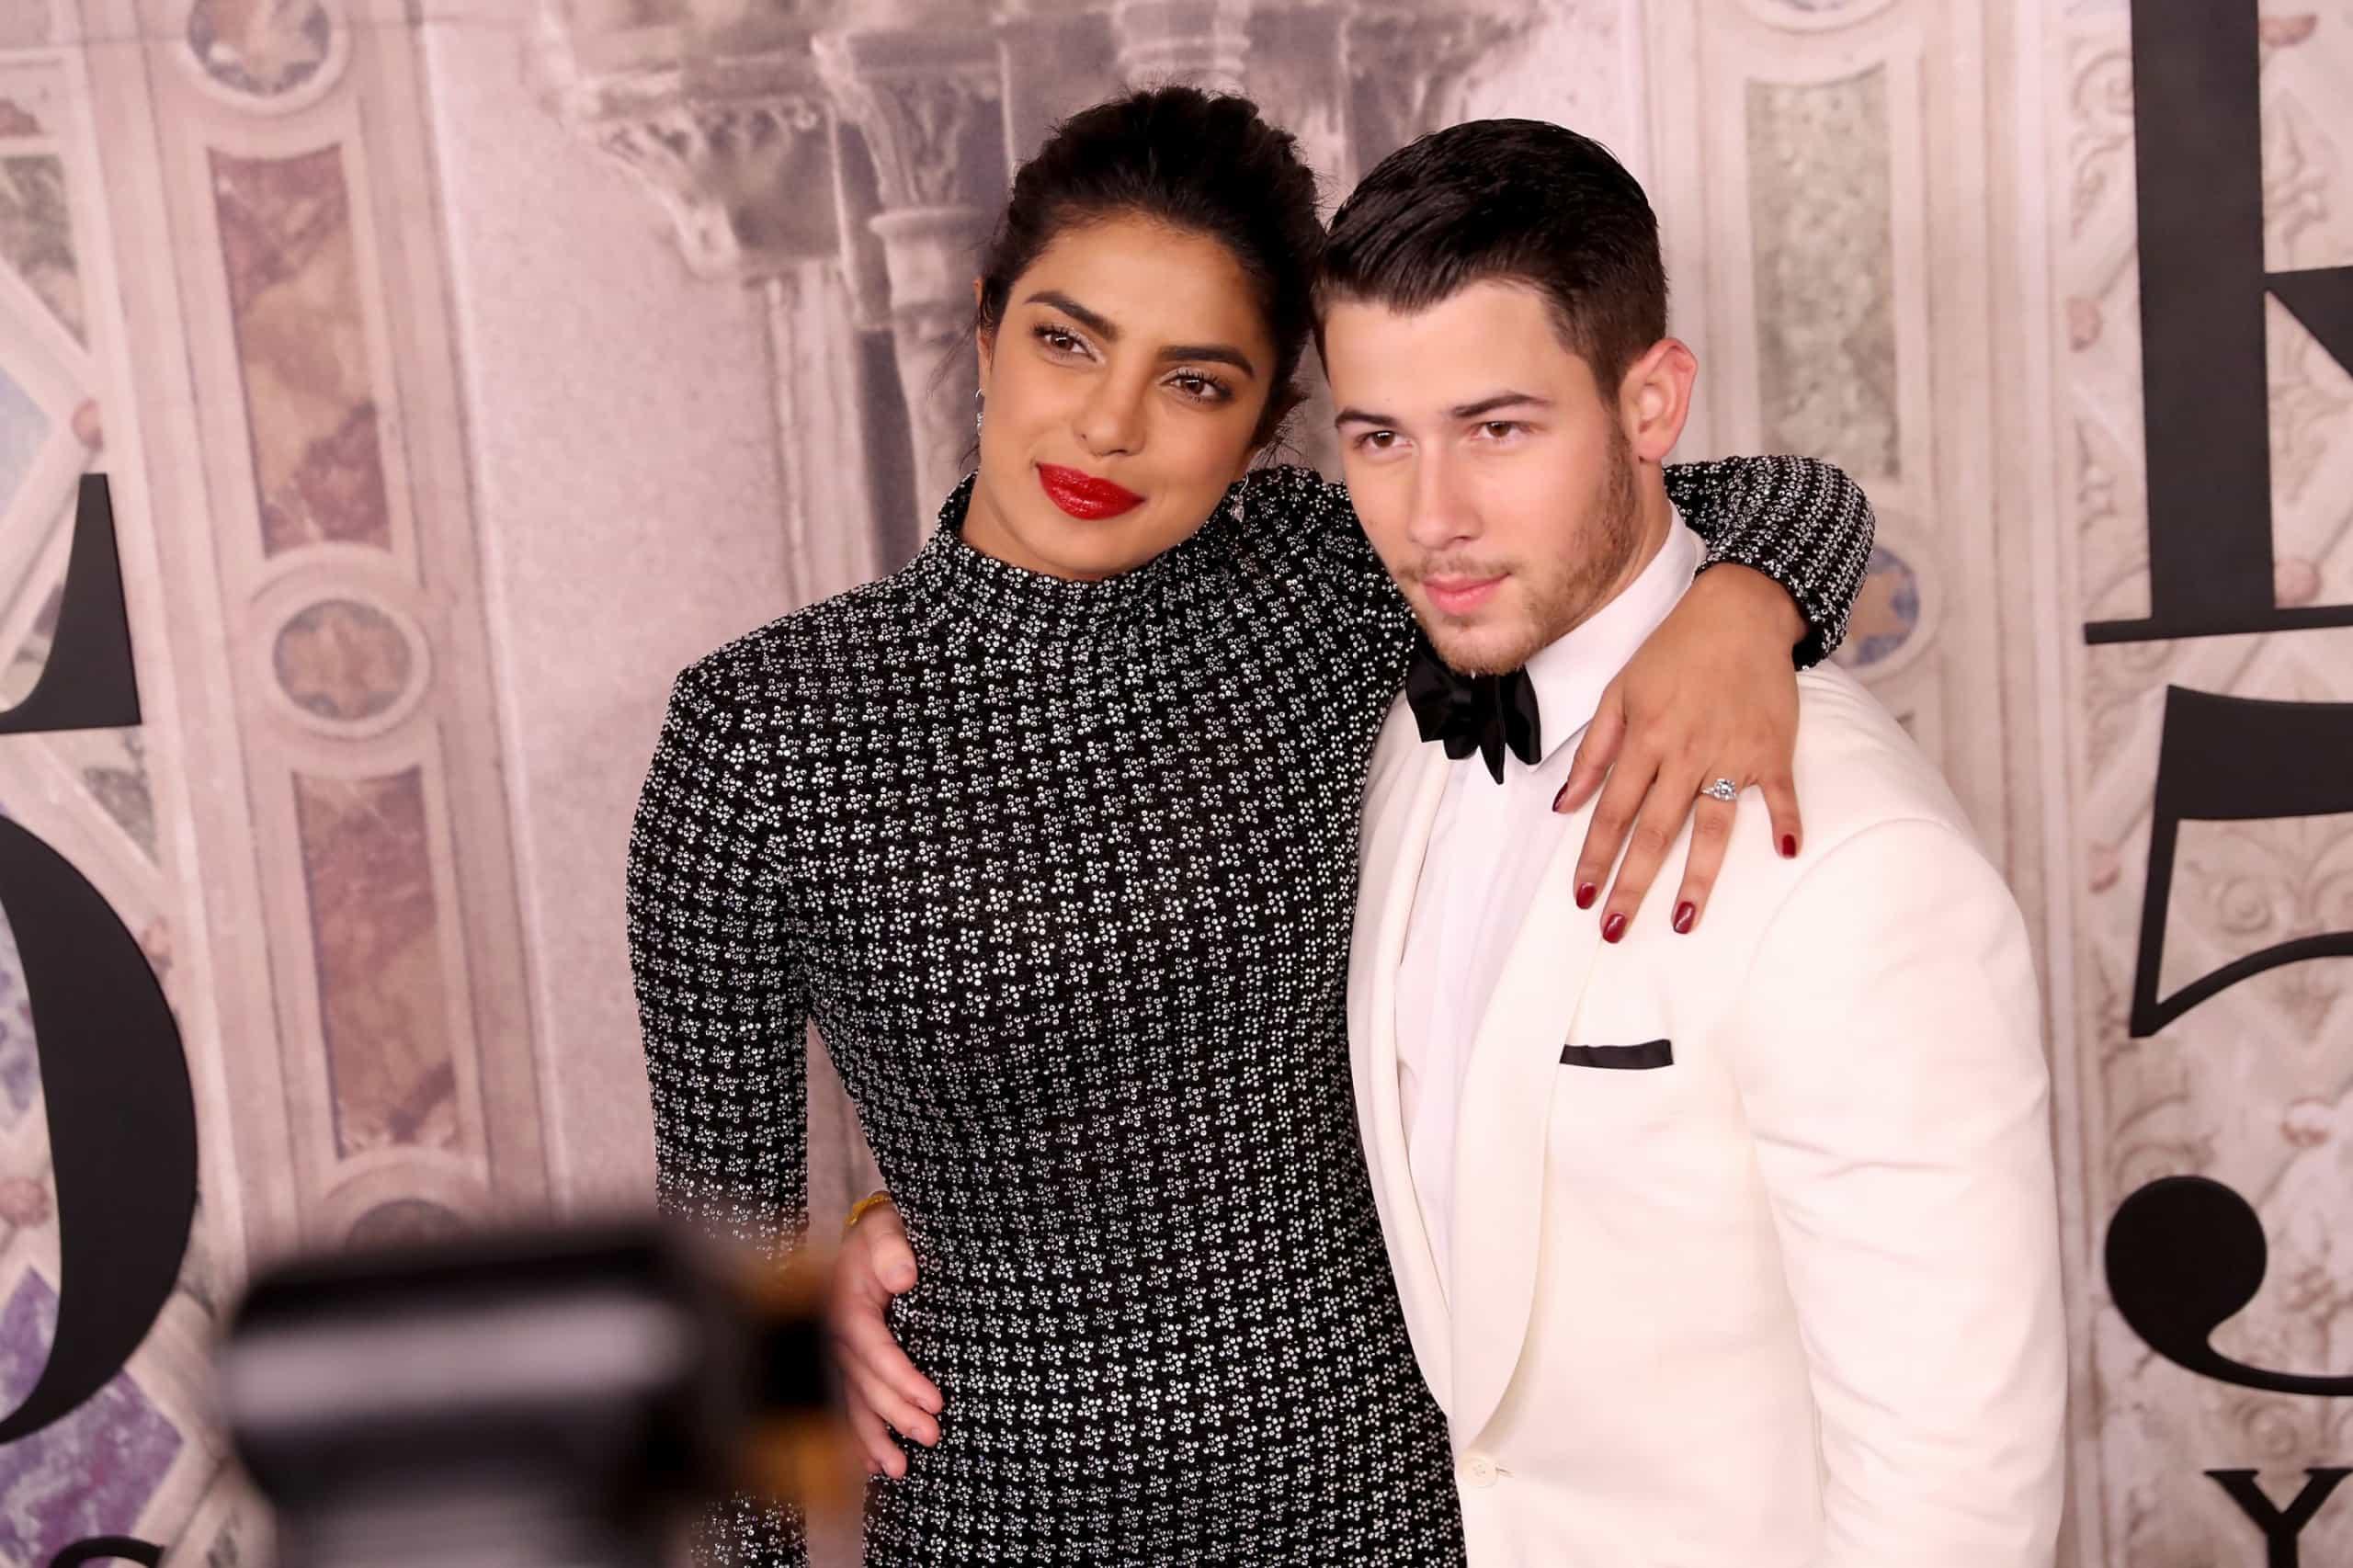 Em dia de festa, os momentos carinhosos de Nick Jonas e Priyanka Chopra